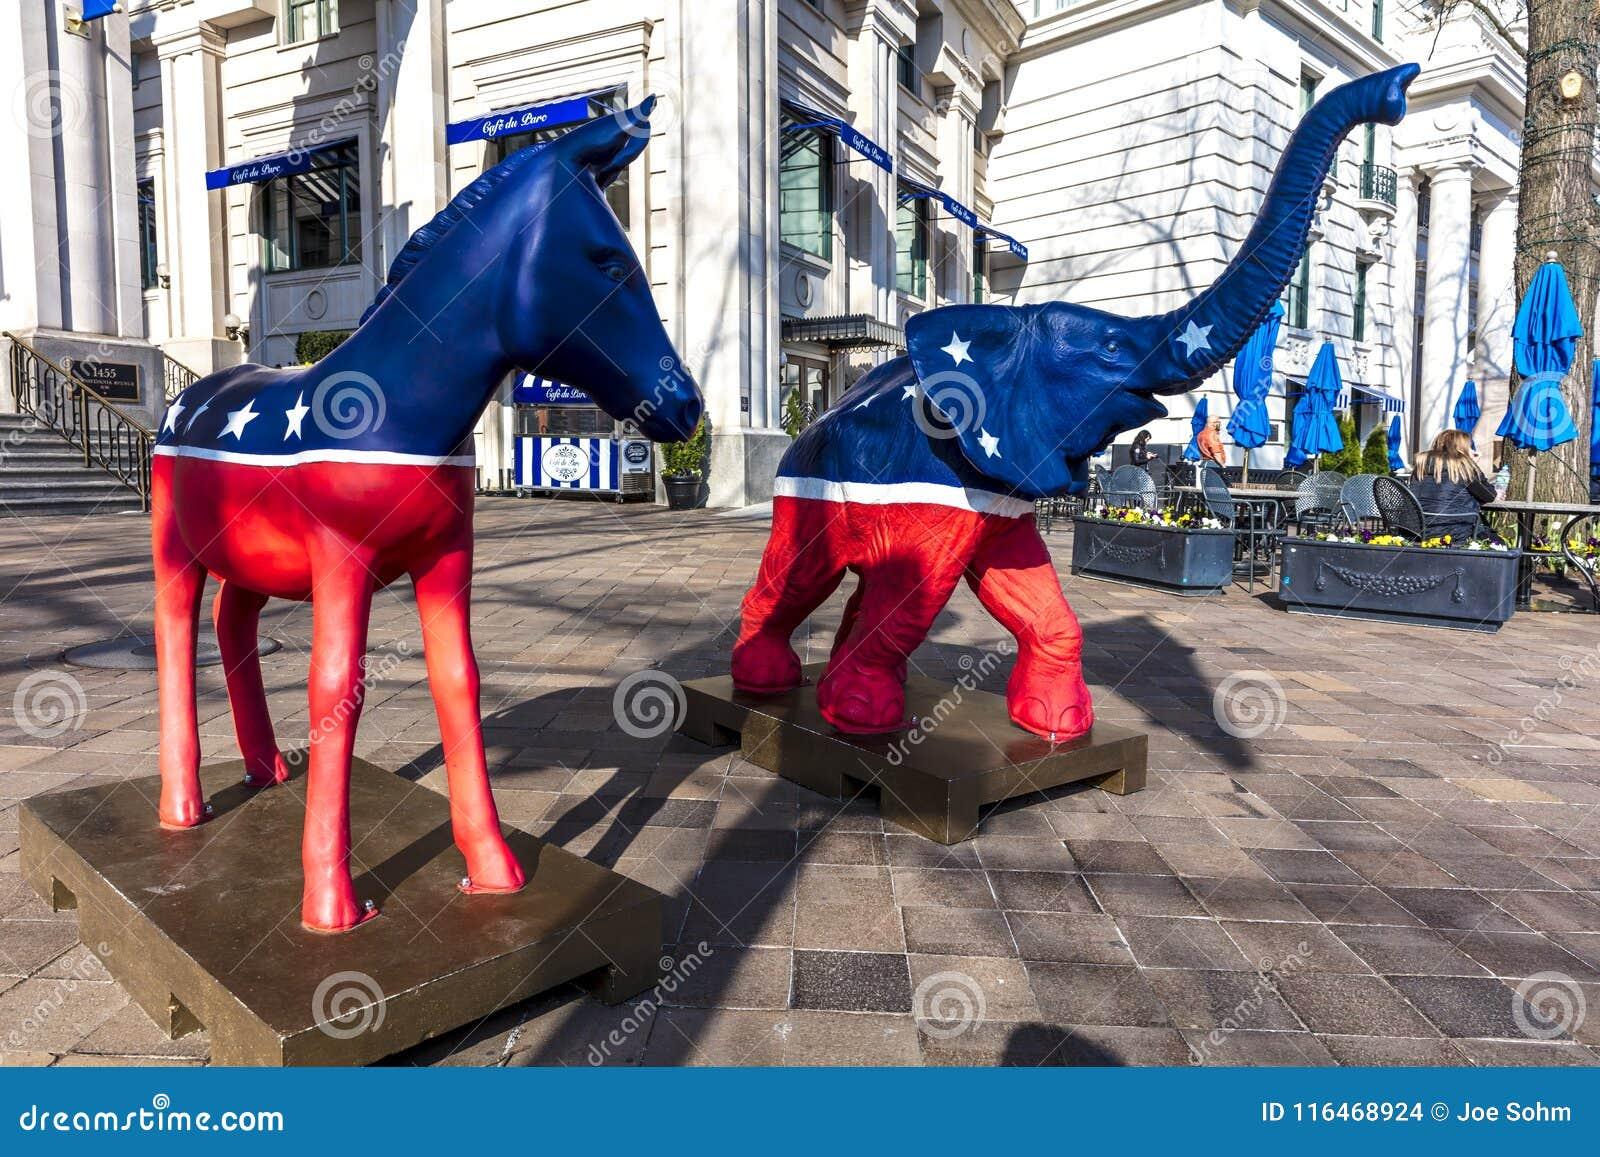 APRIL 11, 2018 - WASHINGTON DC - demokratiska mula- och republikanelefantstatyer symboliserar Republikan som förenas